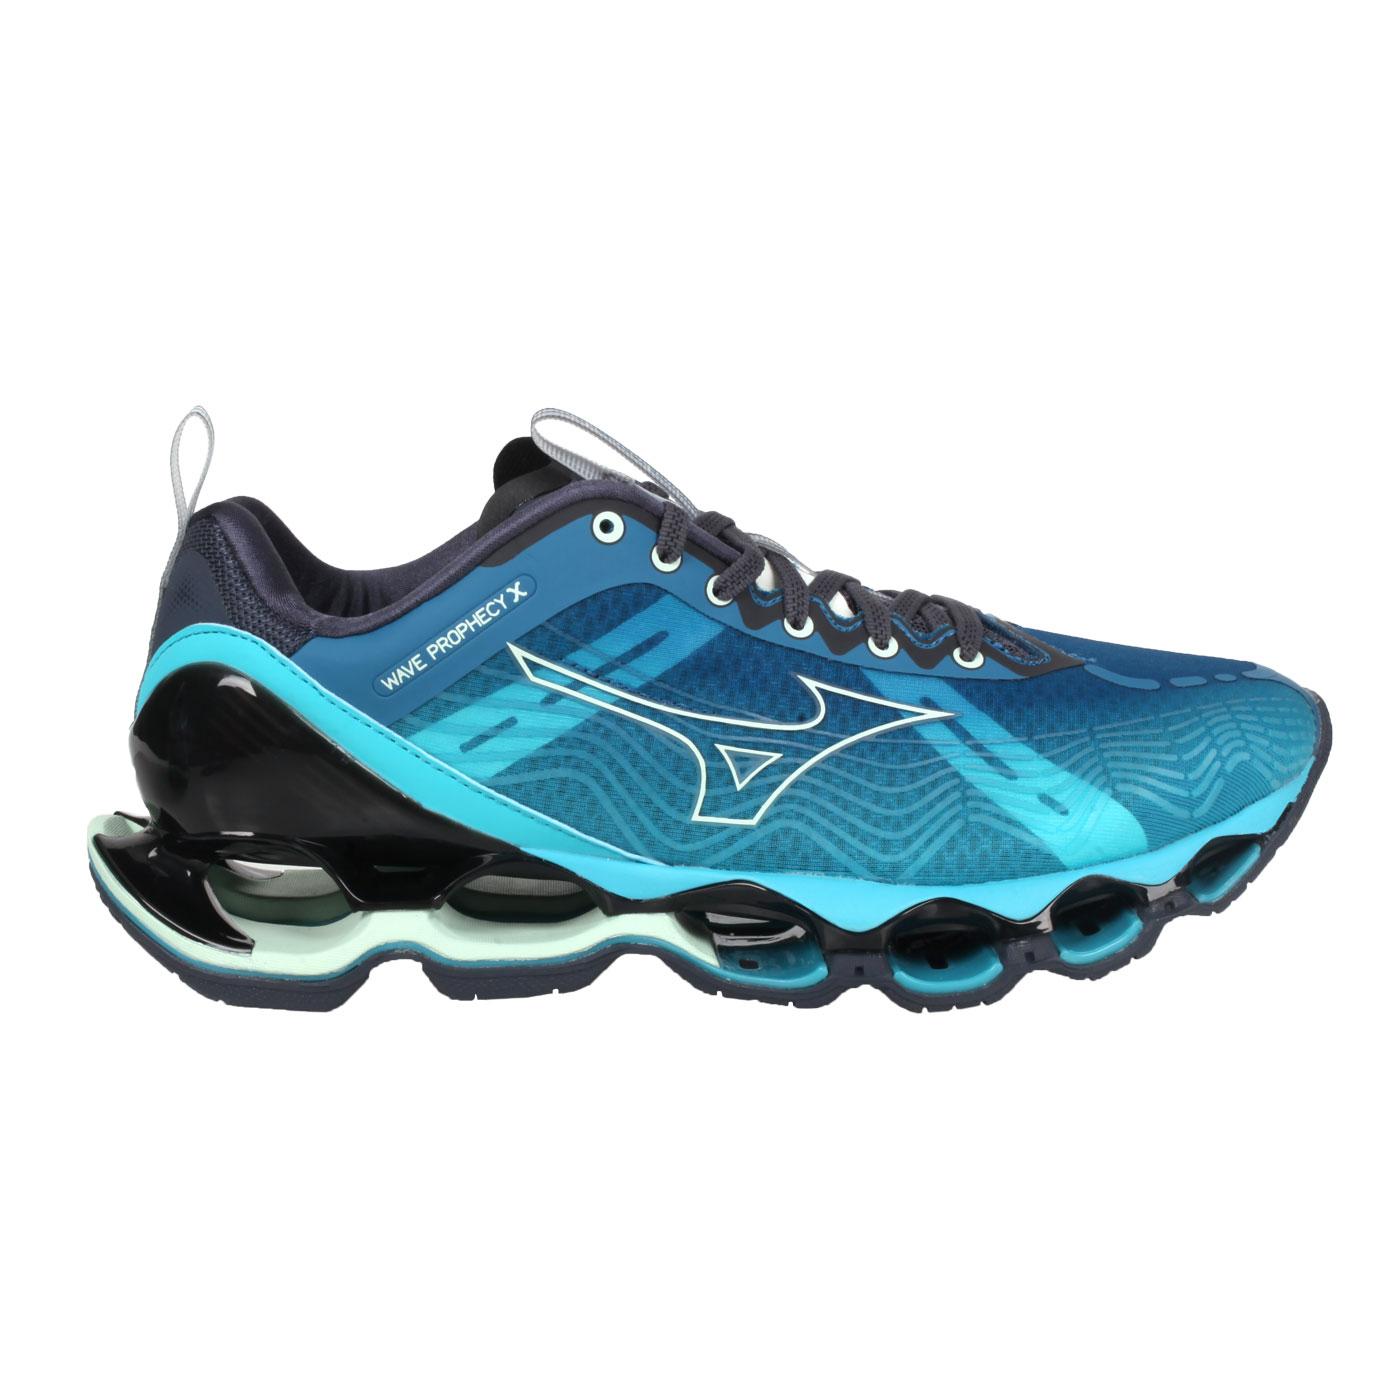 MIZUNO 男款慢跑鞋  @WAVE PROPHECY X@J1GC210009 - 藍綠黑